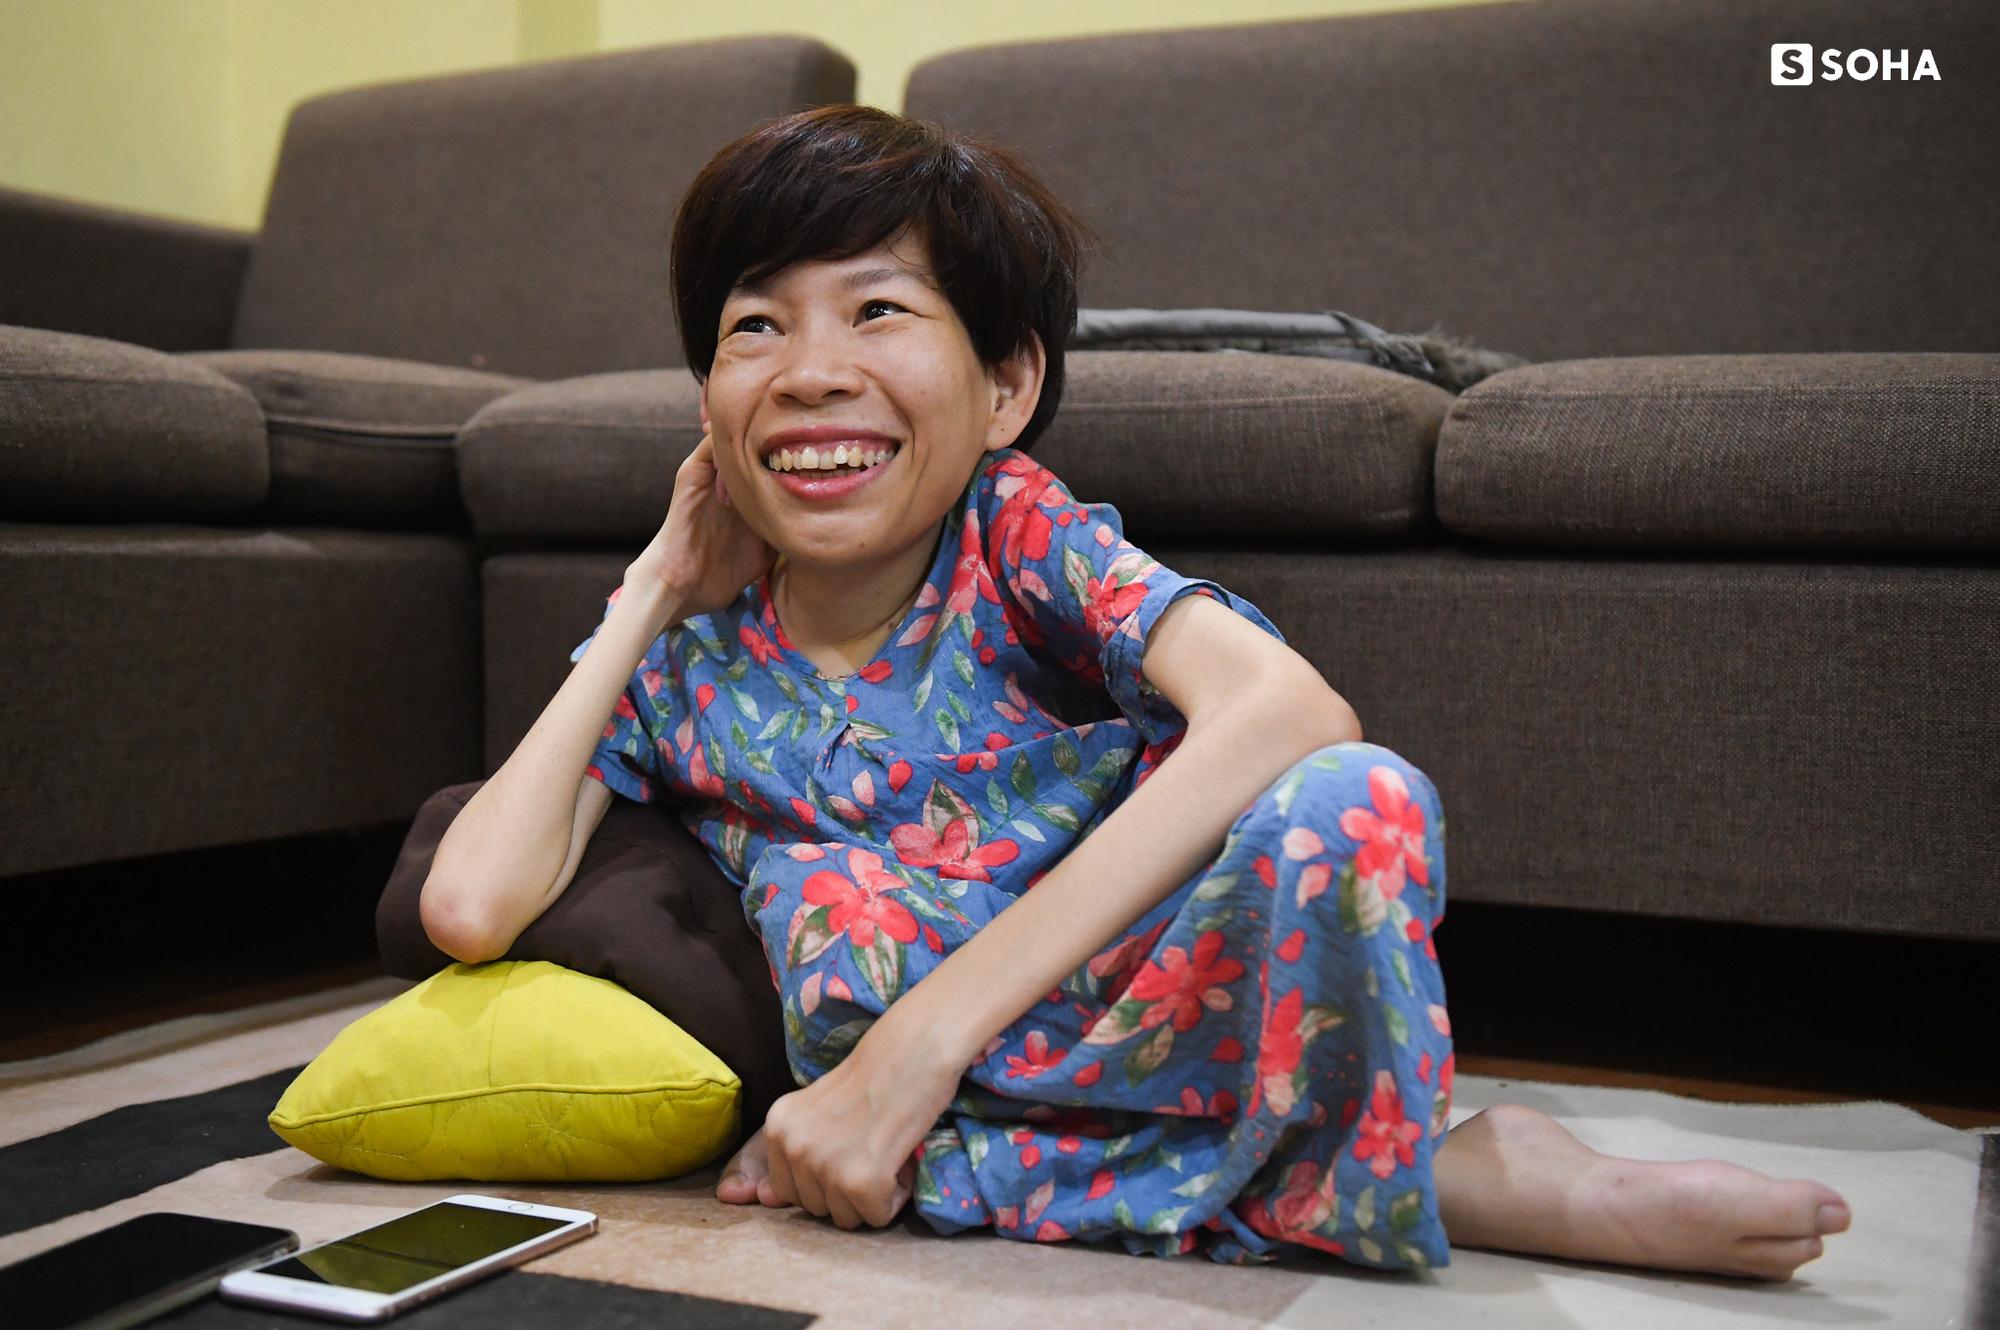 [Bí mật phòng Sếp] Nữ Chủ tịch nặng 20kg, ngồi xe lăn điều hành doanh nghiệp gần 100 người - Ảnh 13.